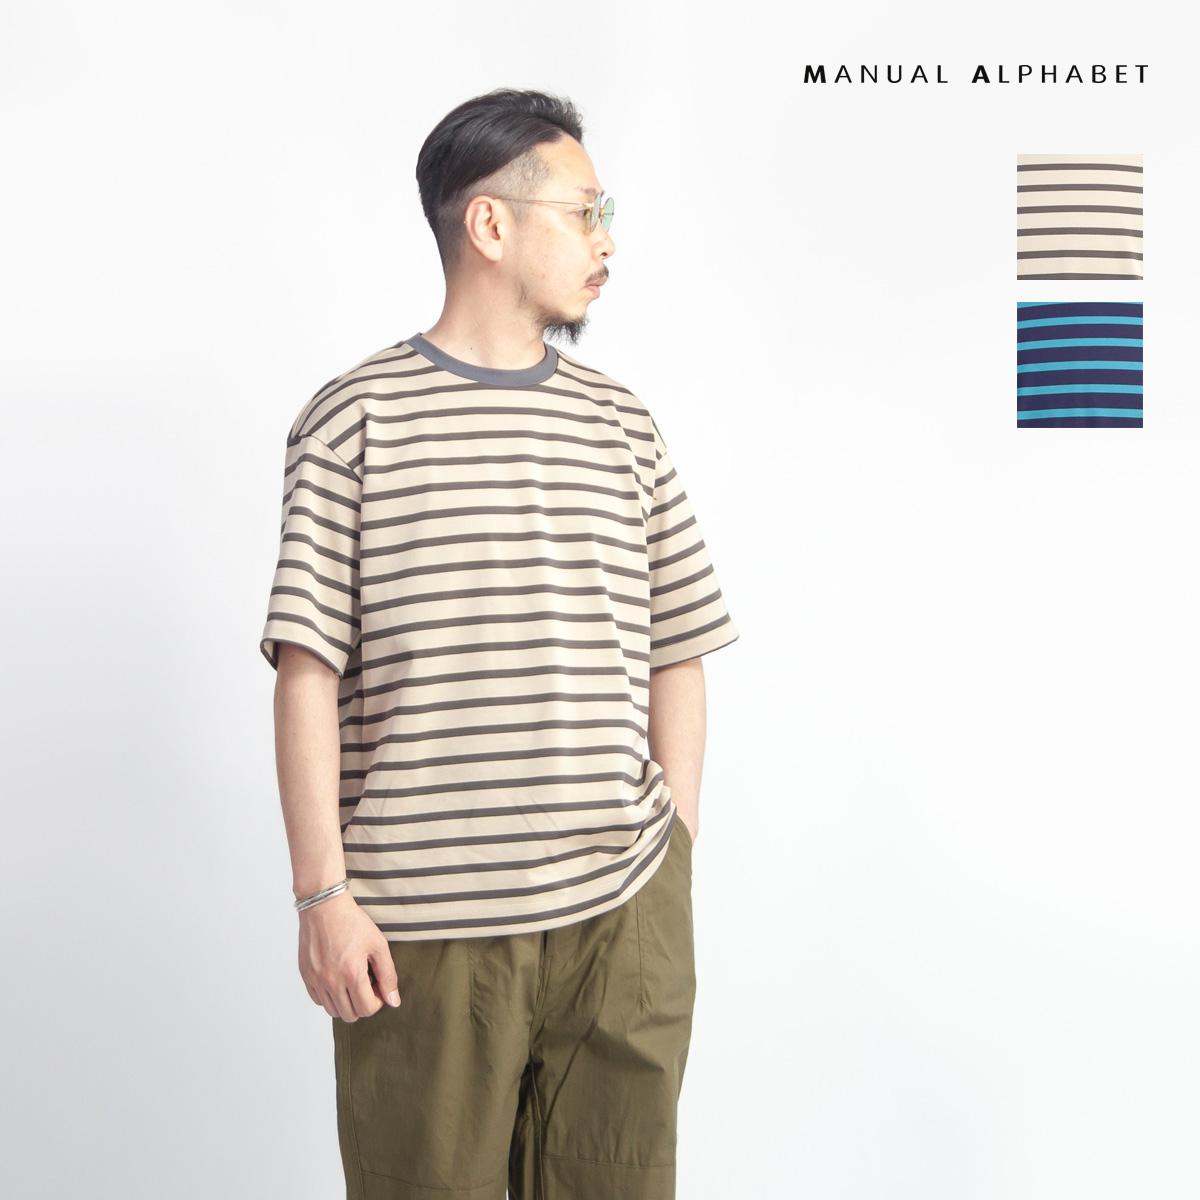 MANUAL ALPHABET マニュアルアルファベット サンホーキン綿 ULTIMA天竺ボーダーTシャツ 日本製 メンズ